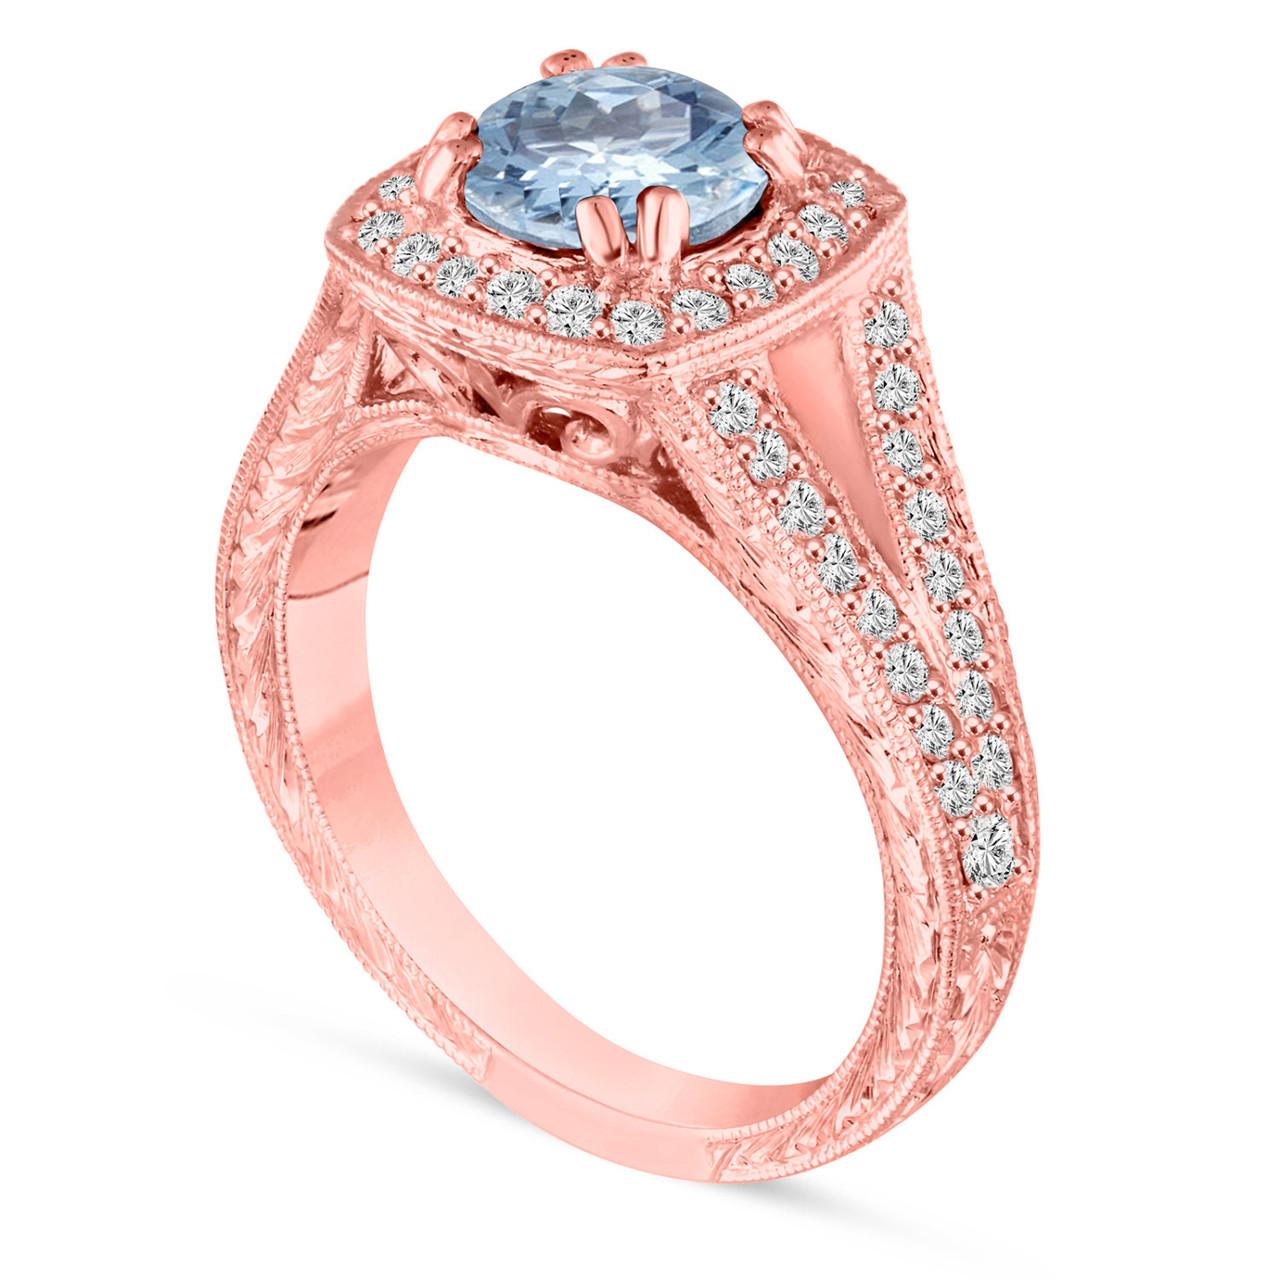 Aquamarine Engagement Ring, 14K Rose Gold Wedding Ring 1.46 Carat ...